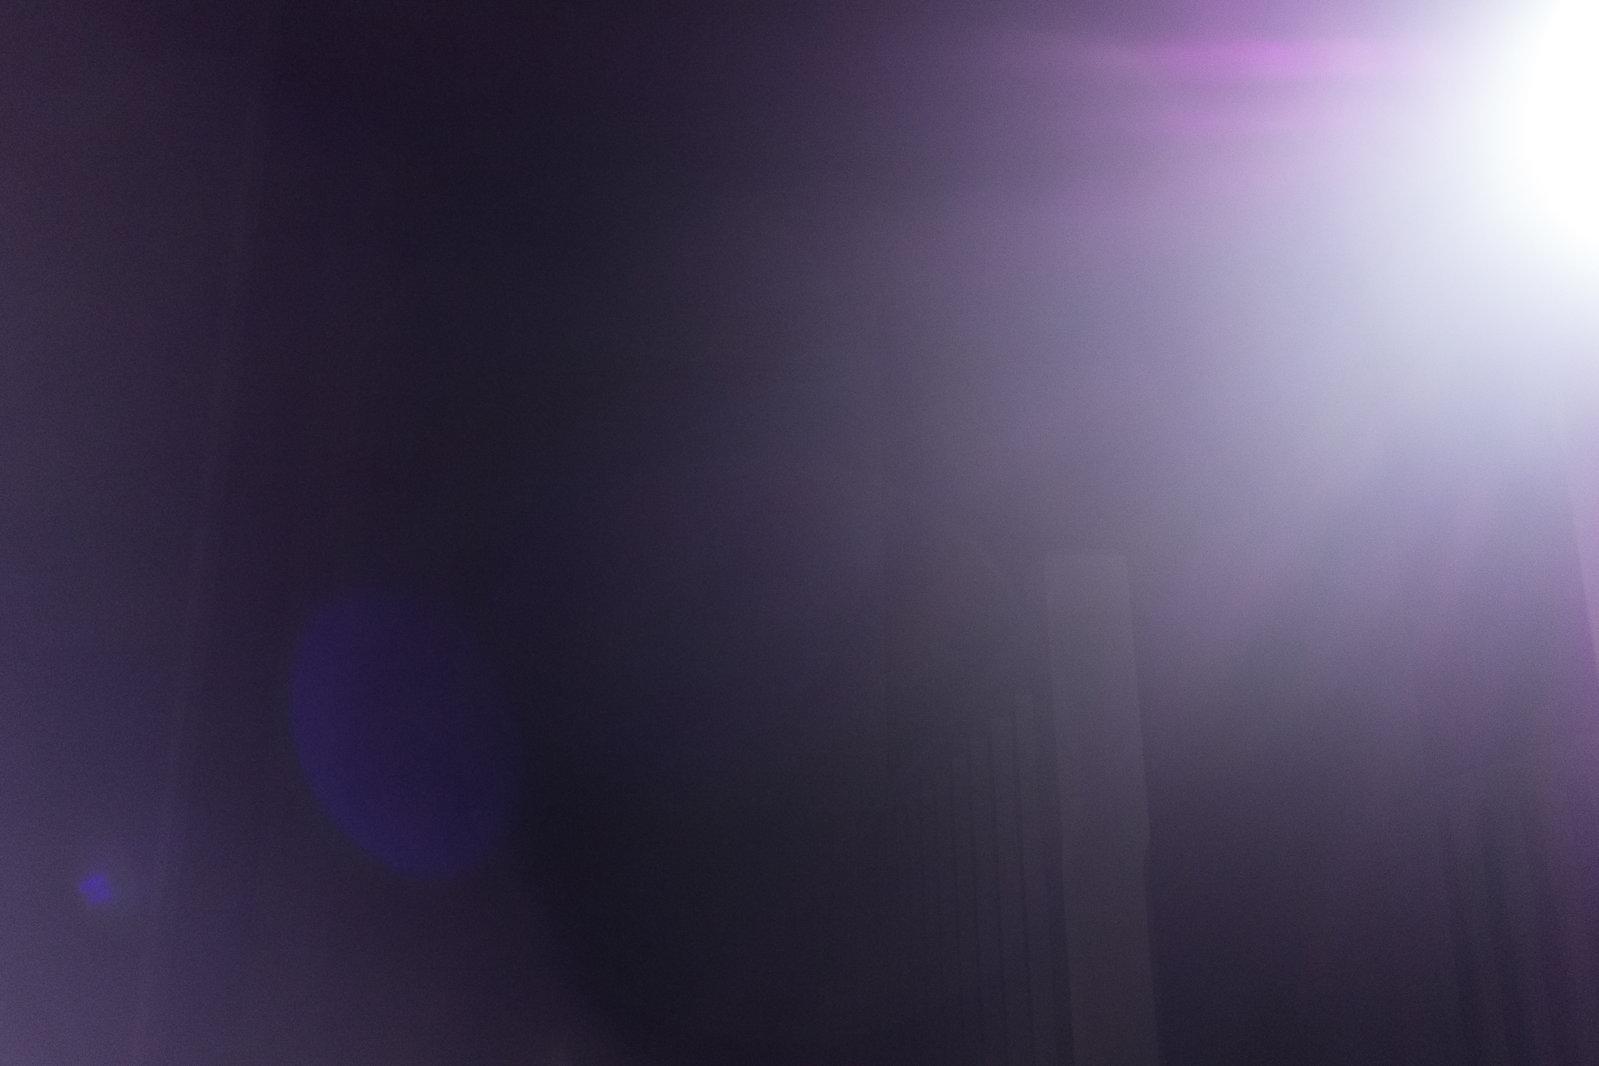 LensFlare12mmDSC01901.jpg